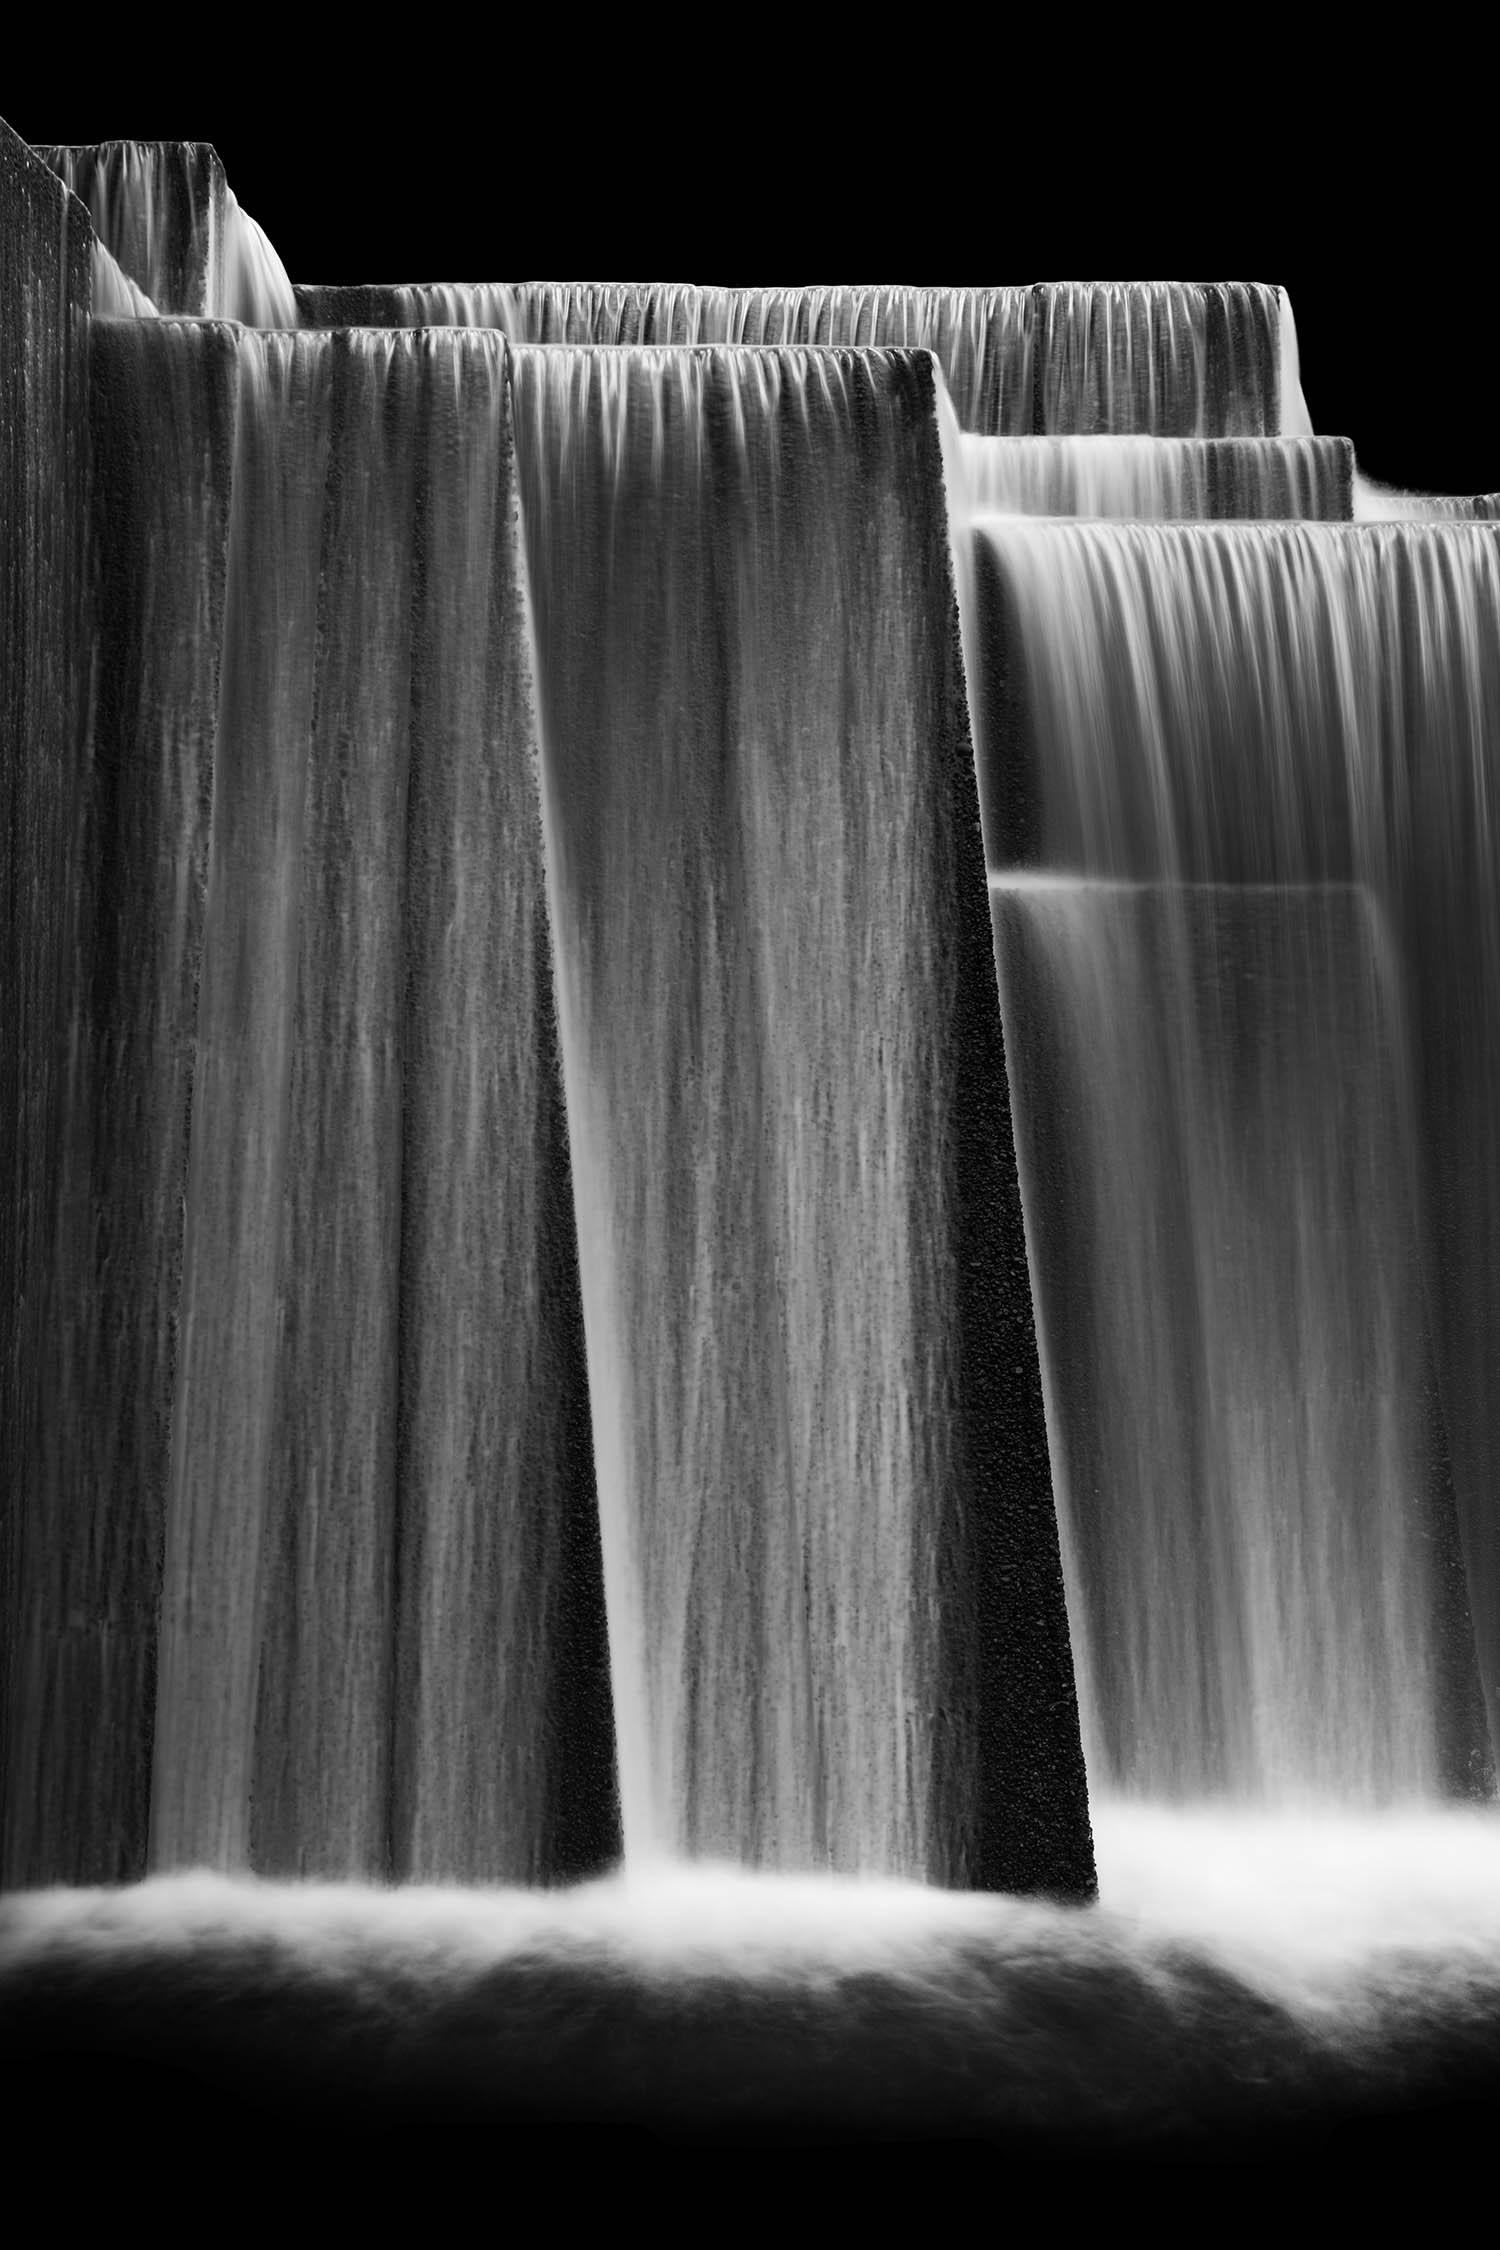 Waterfall 1232 final.jpg